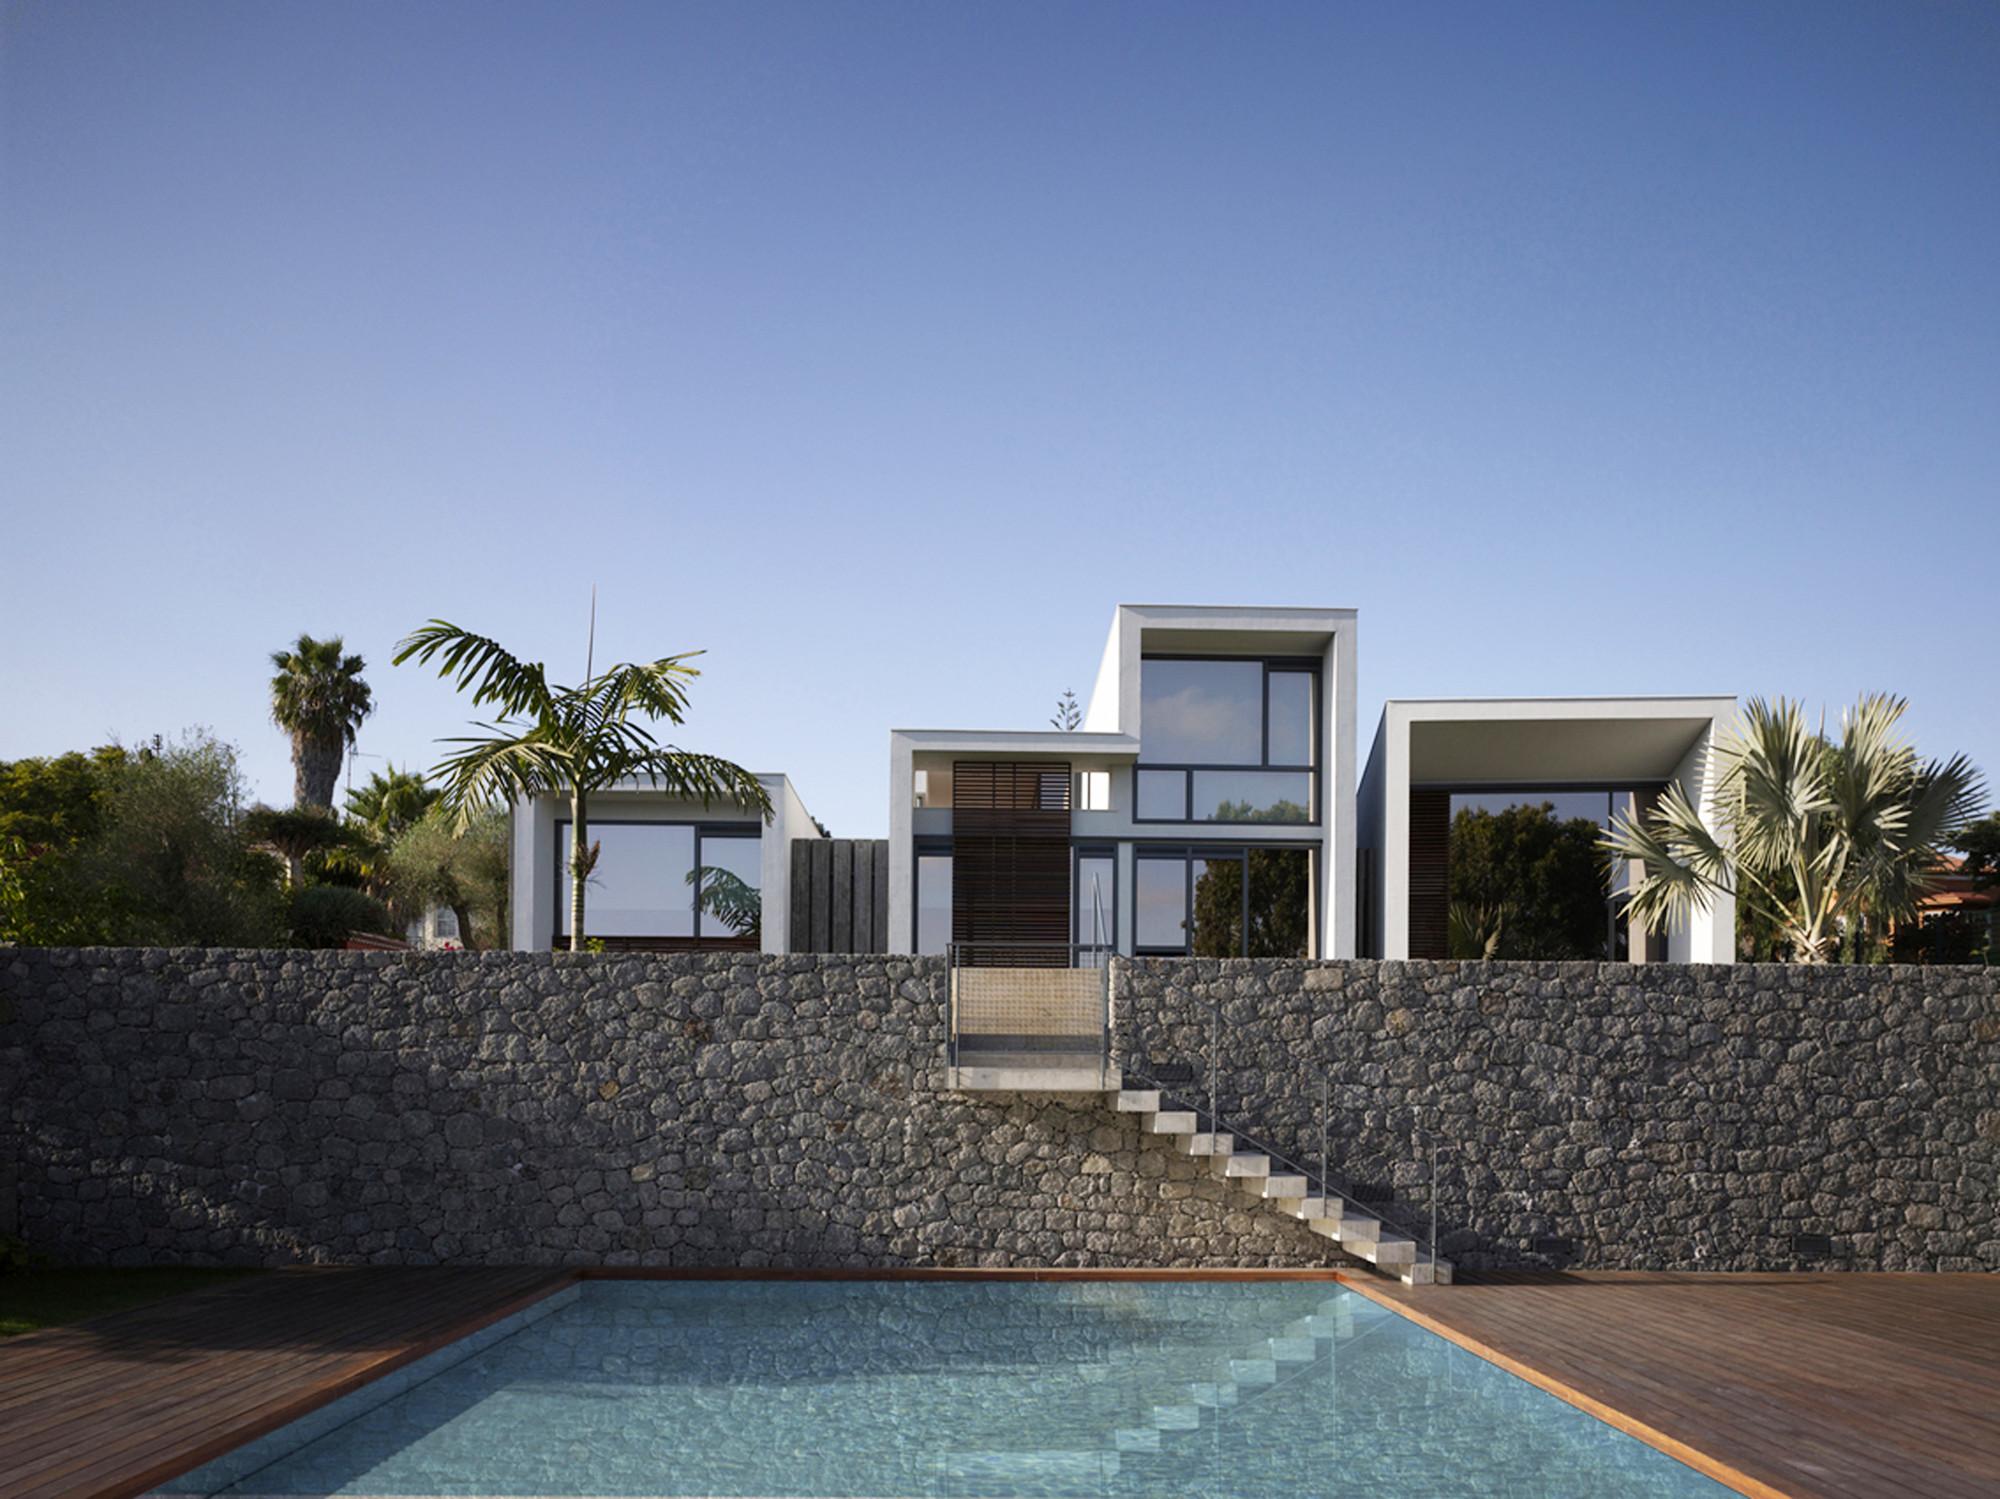 Z House / Jose Antonio Sosa, © Miguel Curbelo